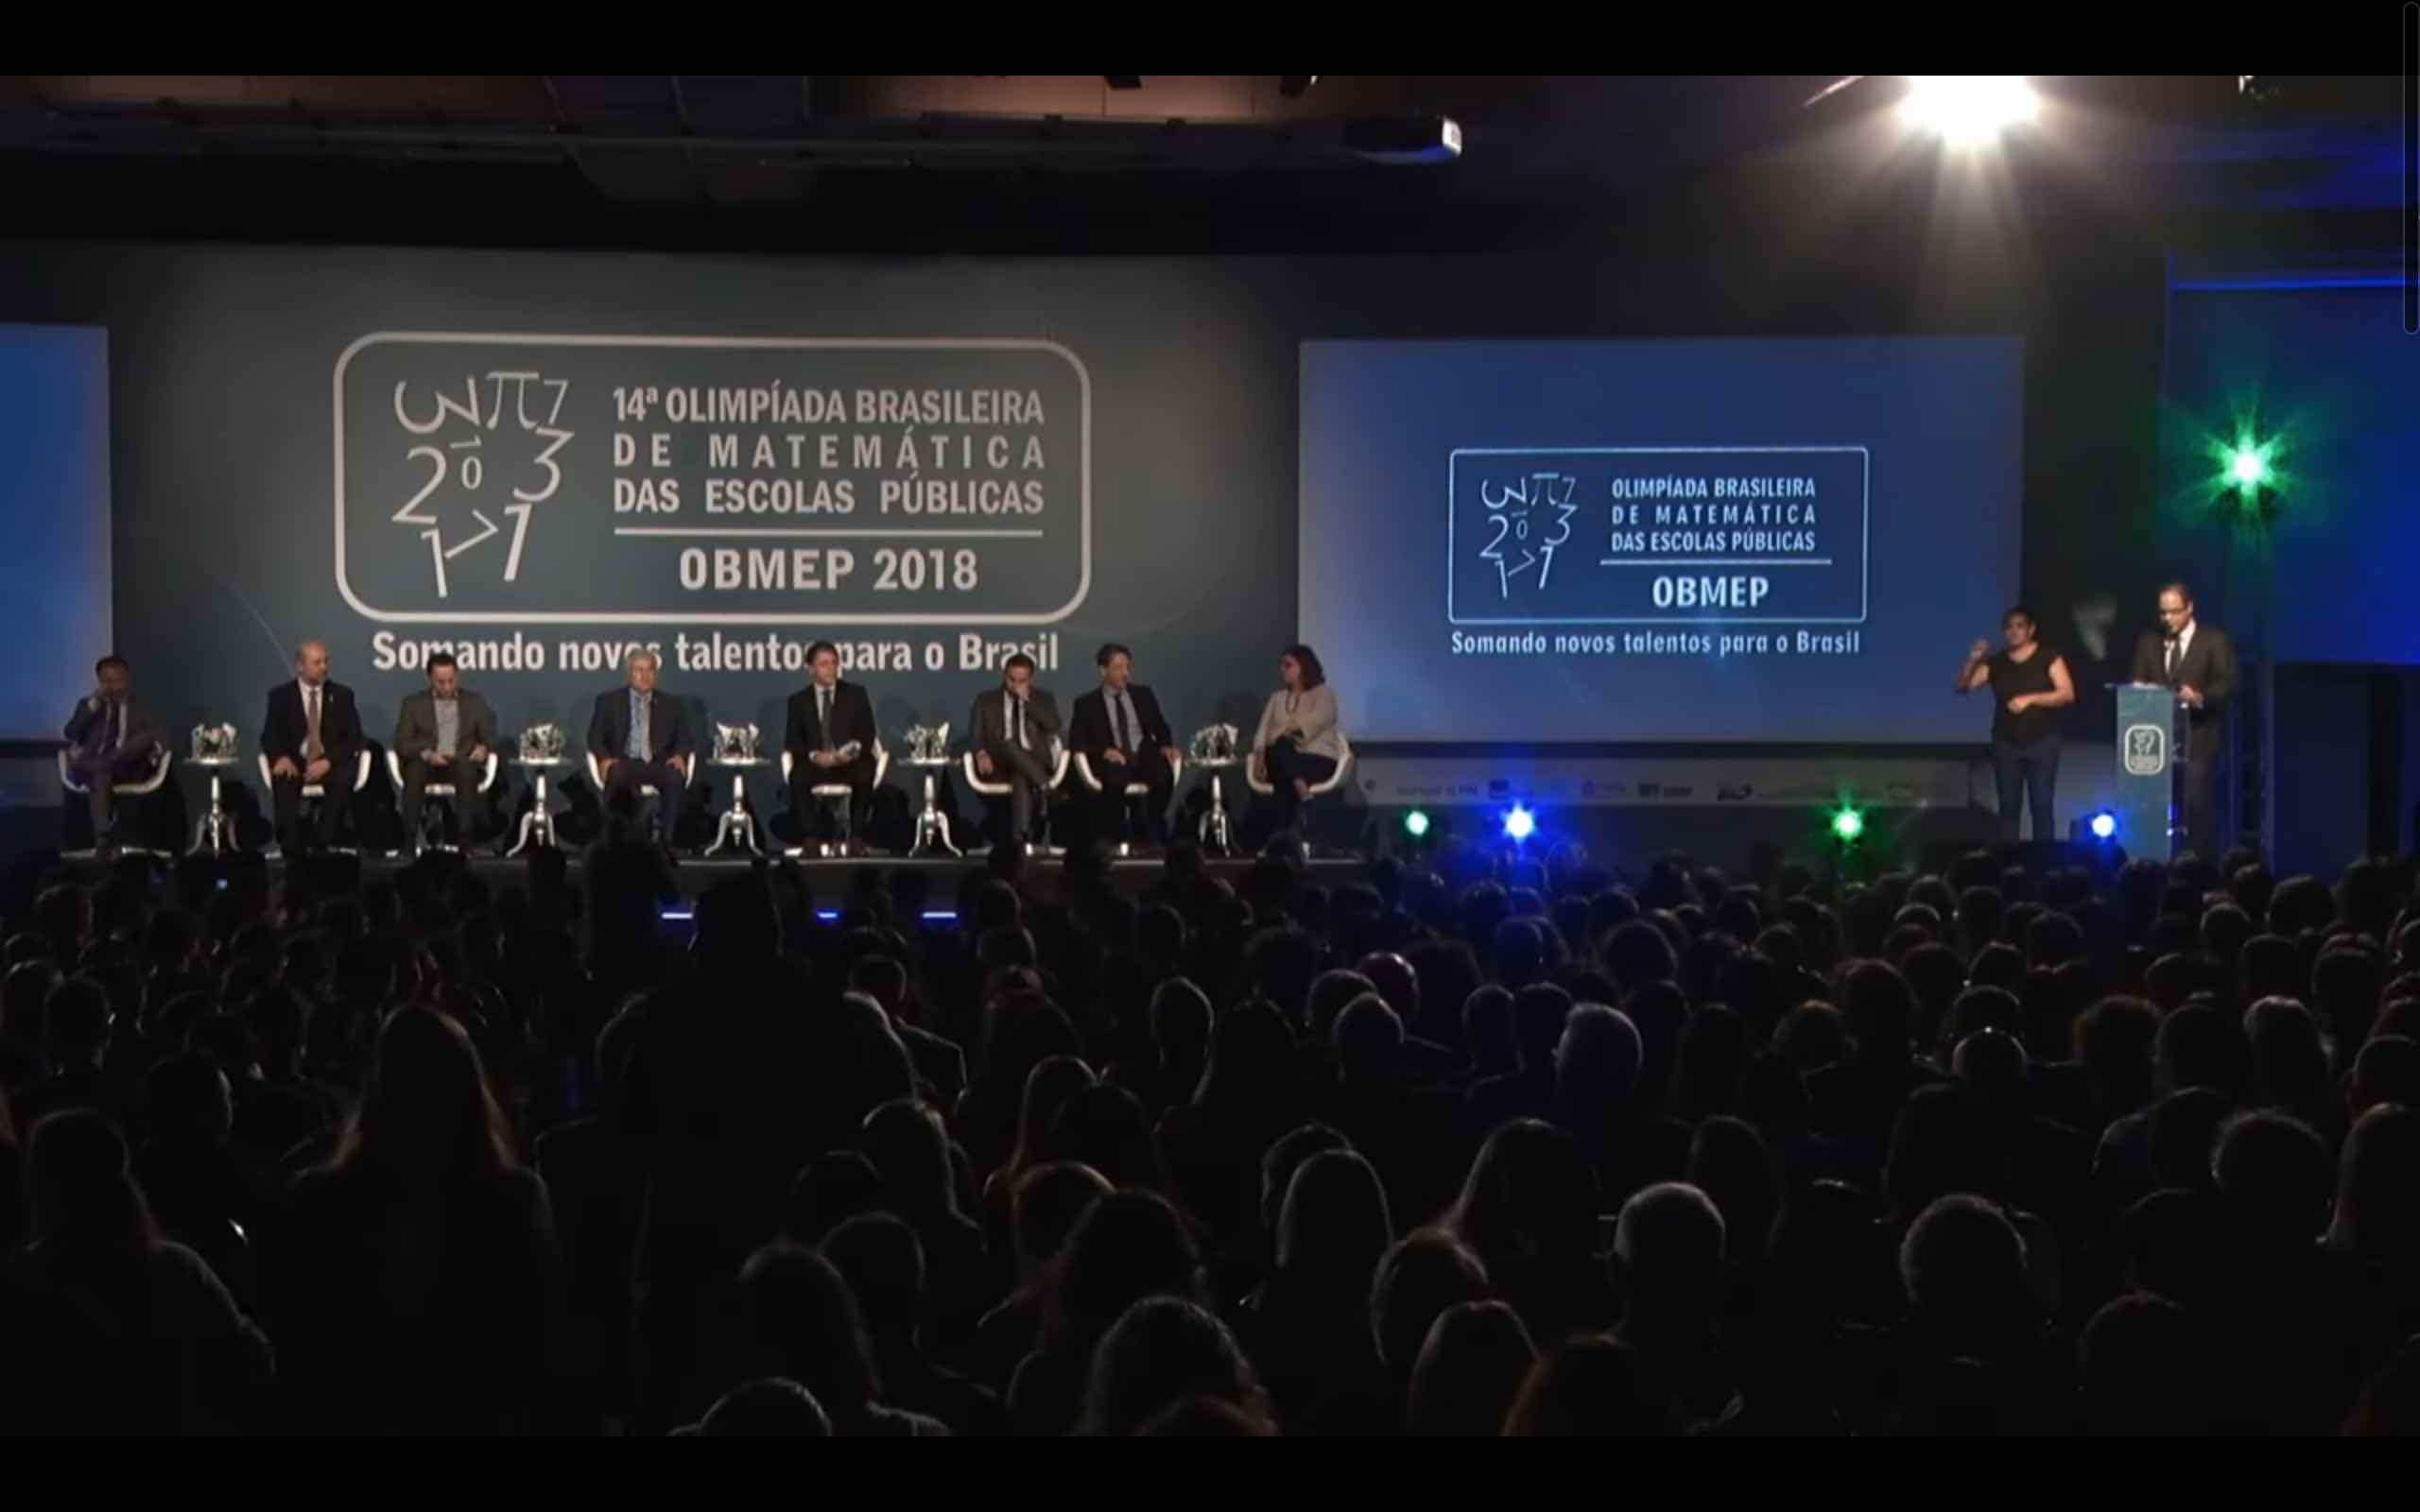 Estudantes De Sao Paulo Conquistam Mais De 1 000 Medalhas Na Obmep Secretaria Da Educacao Do Estado De Sao Paulo